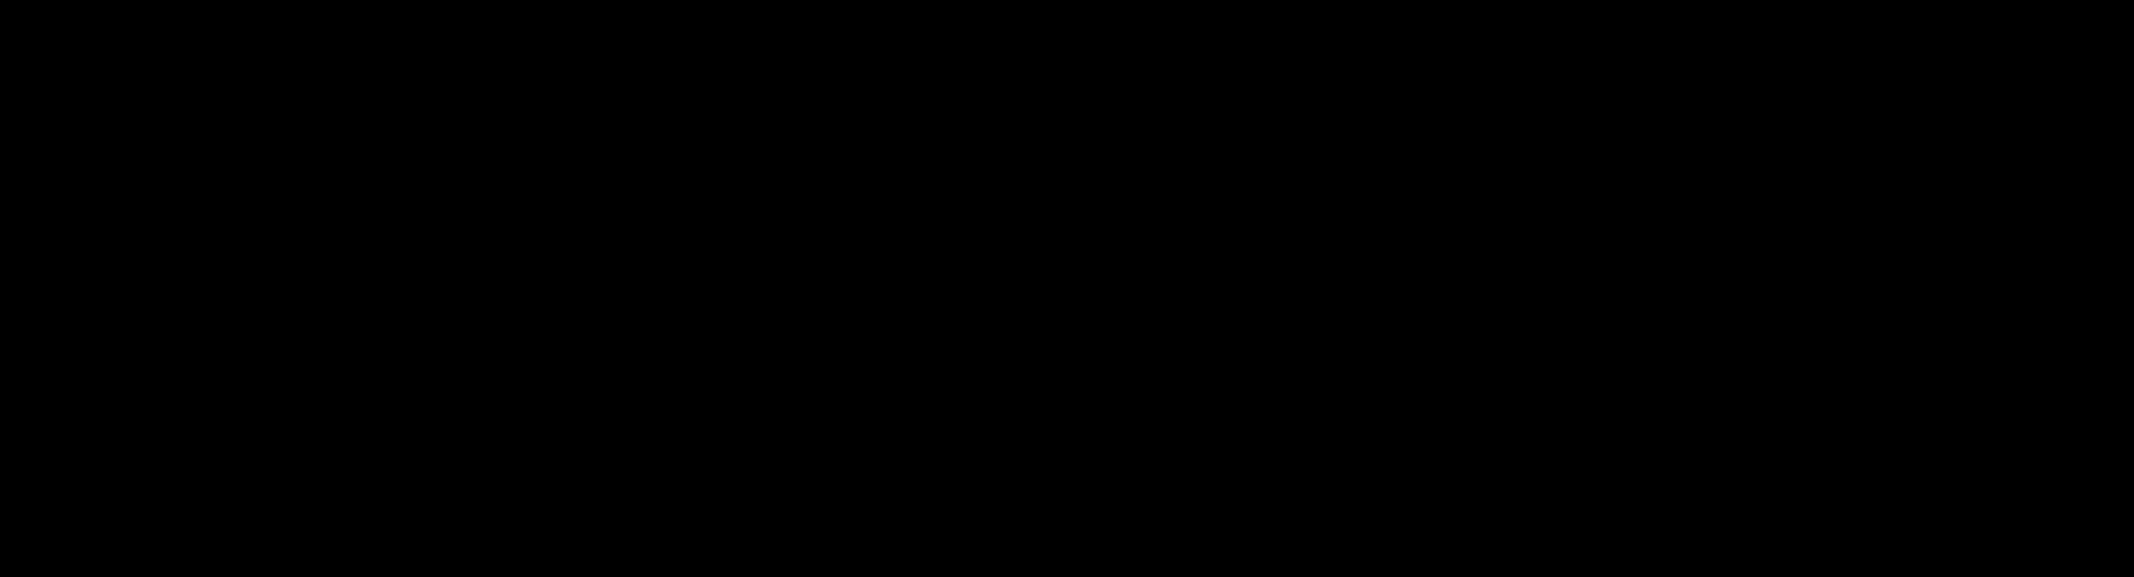 word image 582 Разработка и внедрение экологически безопасного биопрепарата для органического животноводства на основе защищенного продукта пчеловодства трутневого расплода с целью повышения естественной резистентности и продуктивности молодняка крупного рогатого скота